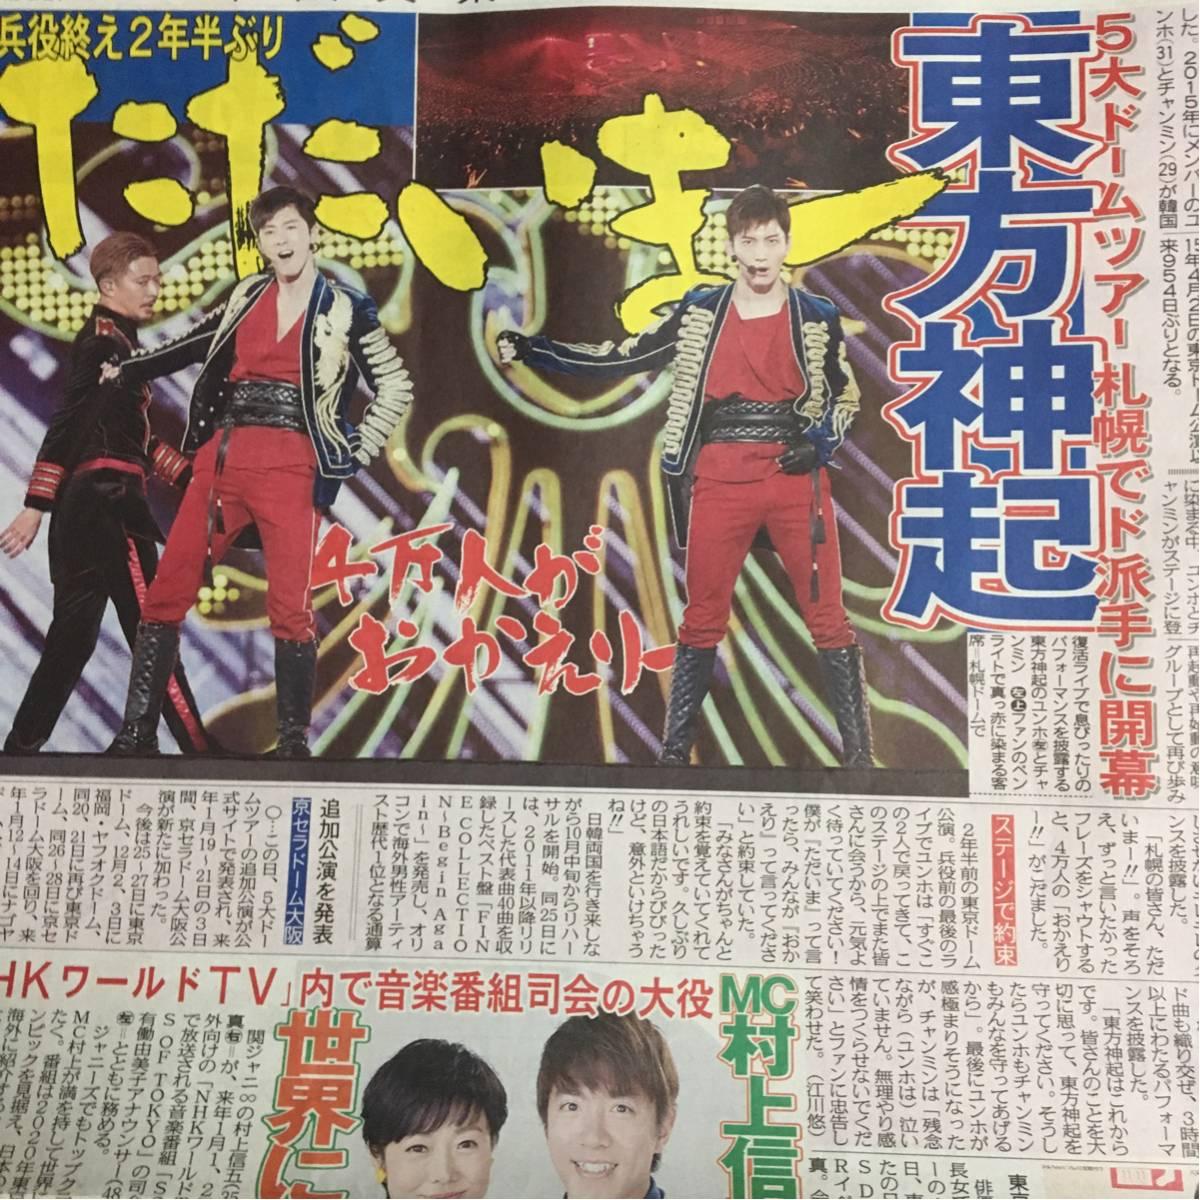 東方神起 5大ドームツアー札幌でド派手に開幕 兵役終え2年半ぶり 新聞 切り抜き